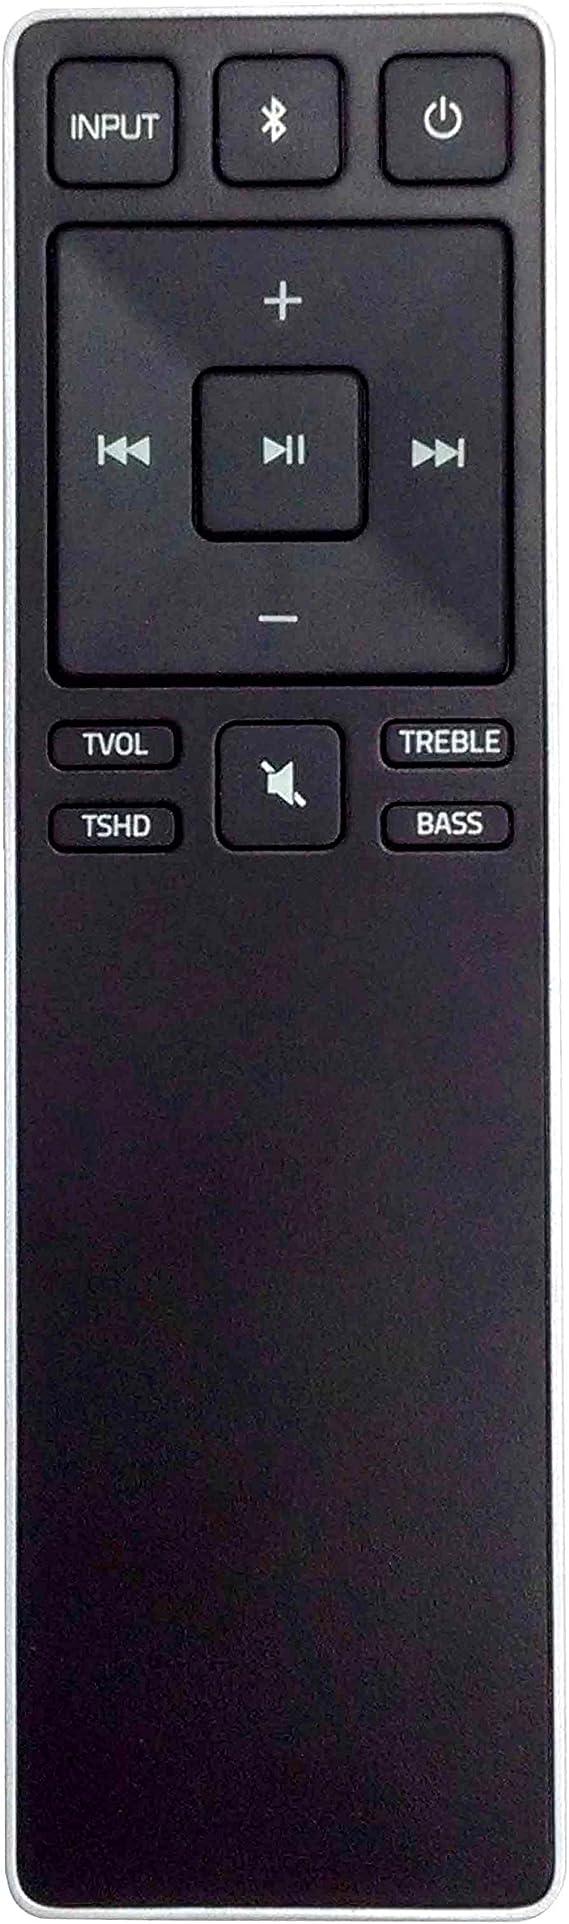 New Remote Control XRS321-C fit for VIZIO Sound Bar SB3820-C6 SB3821-C6 SB2920-C6 SS2521-C6 SS2520-C6 SB3821-D6 SB3820x-C6 (Black)